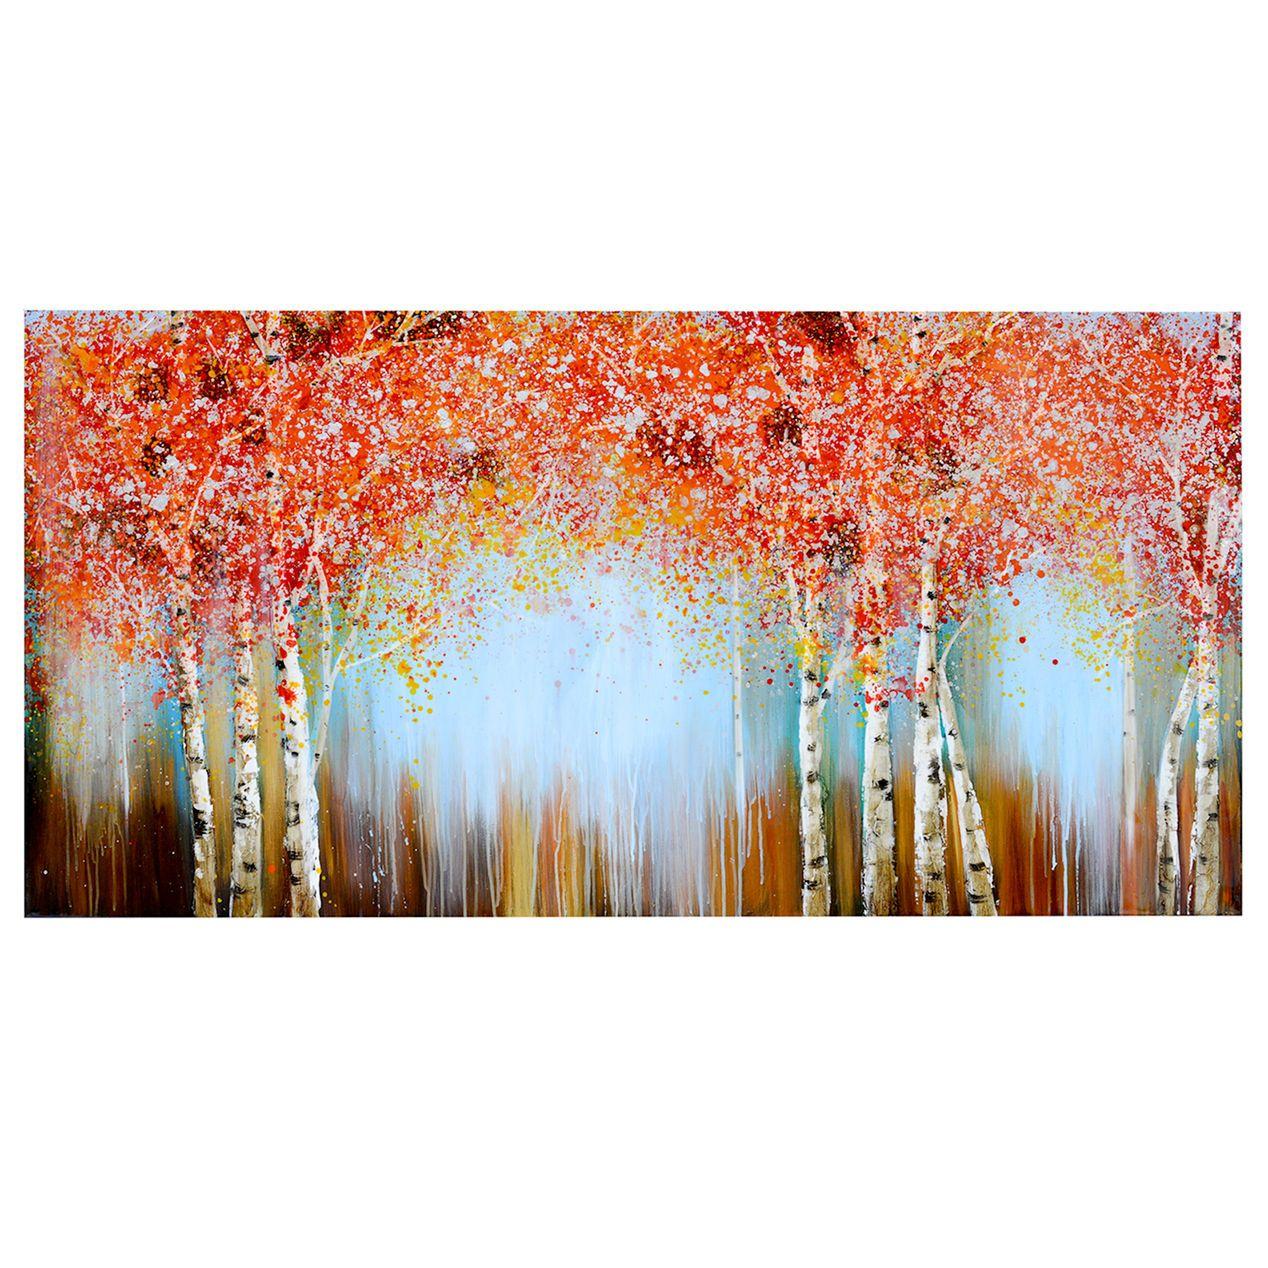 GAPB TEX HP 30X60 CNTRST TREES